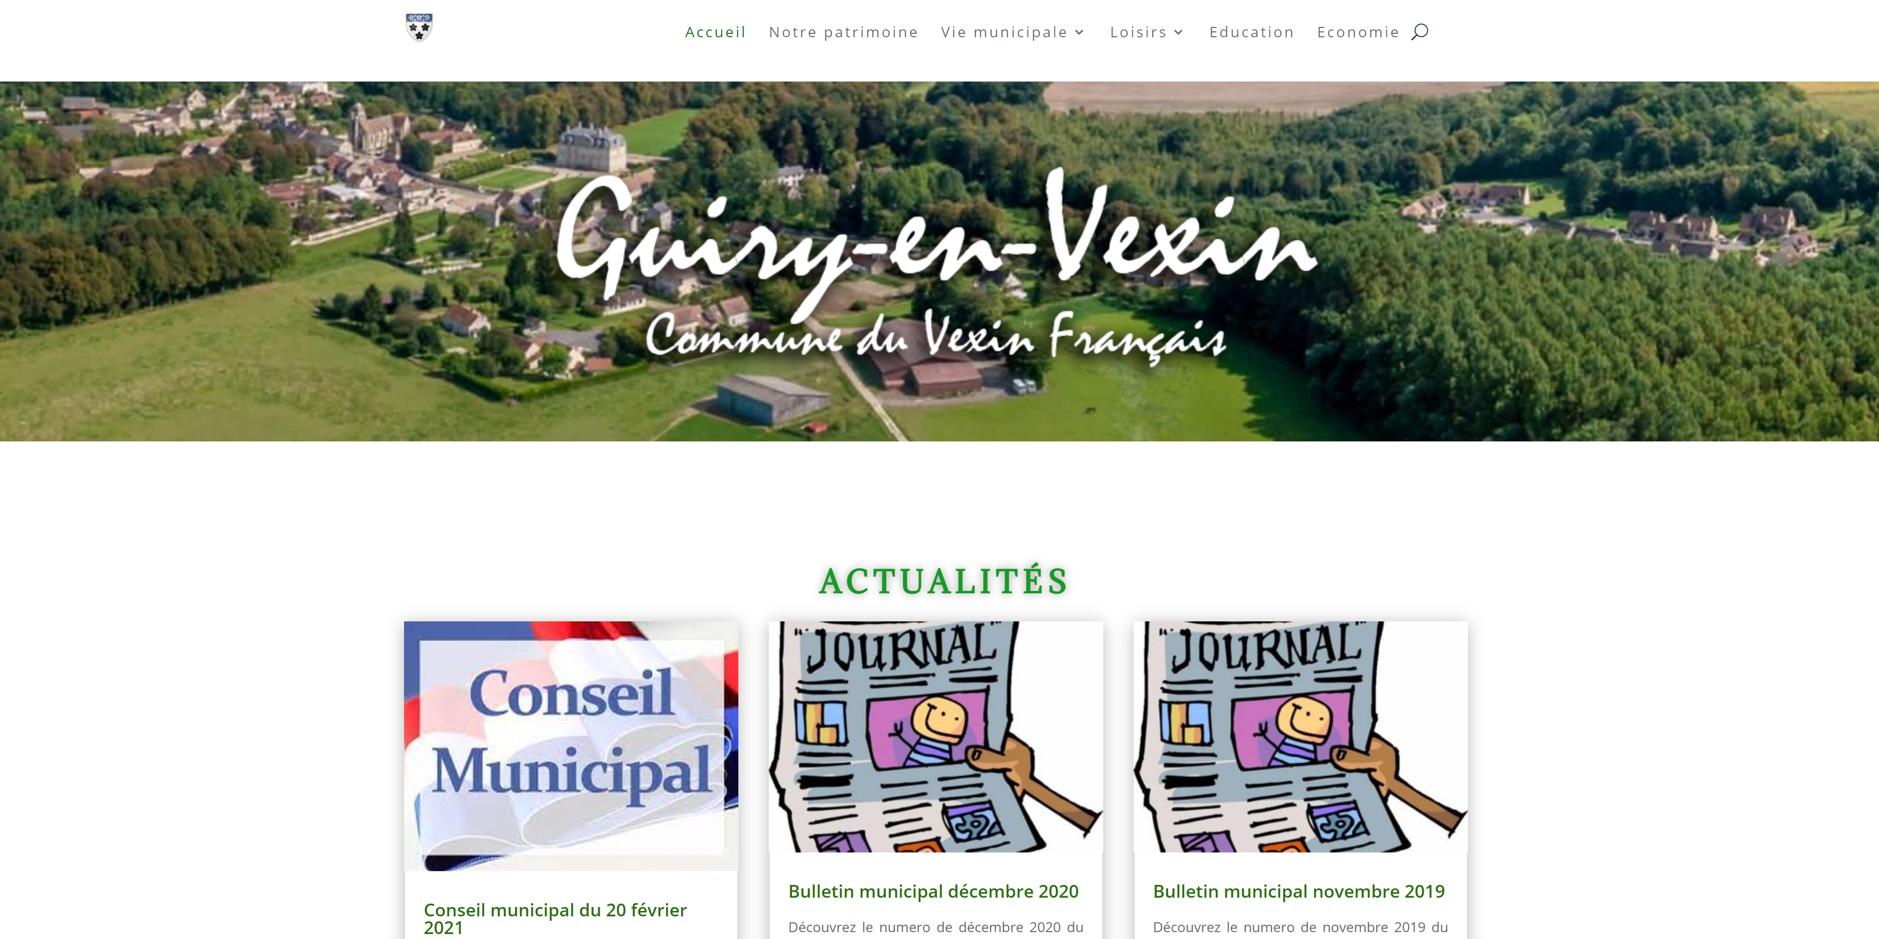 site de Guiry-en-vexin